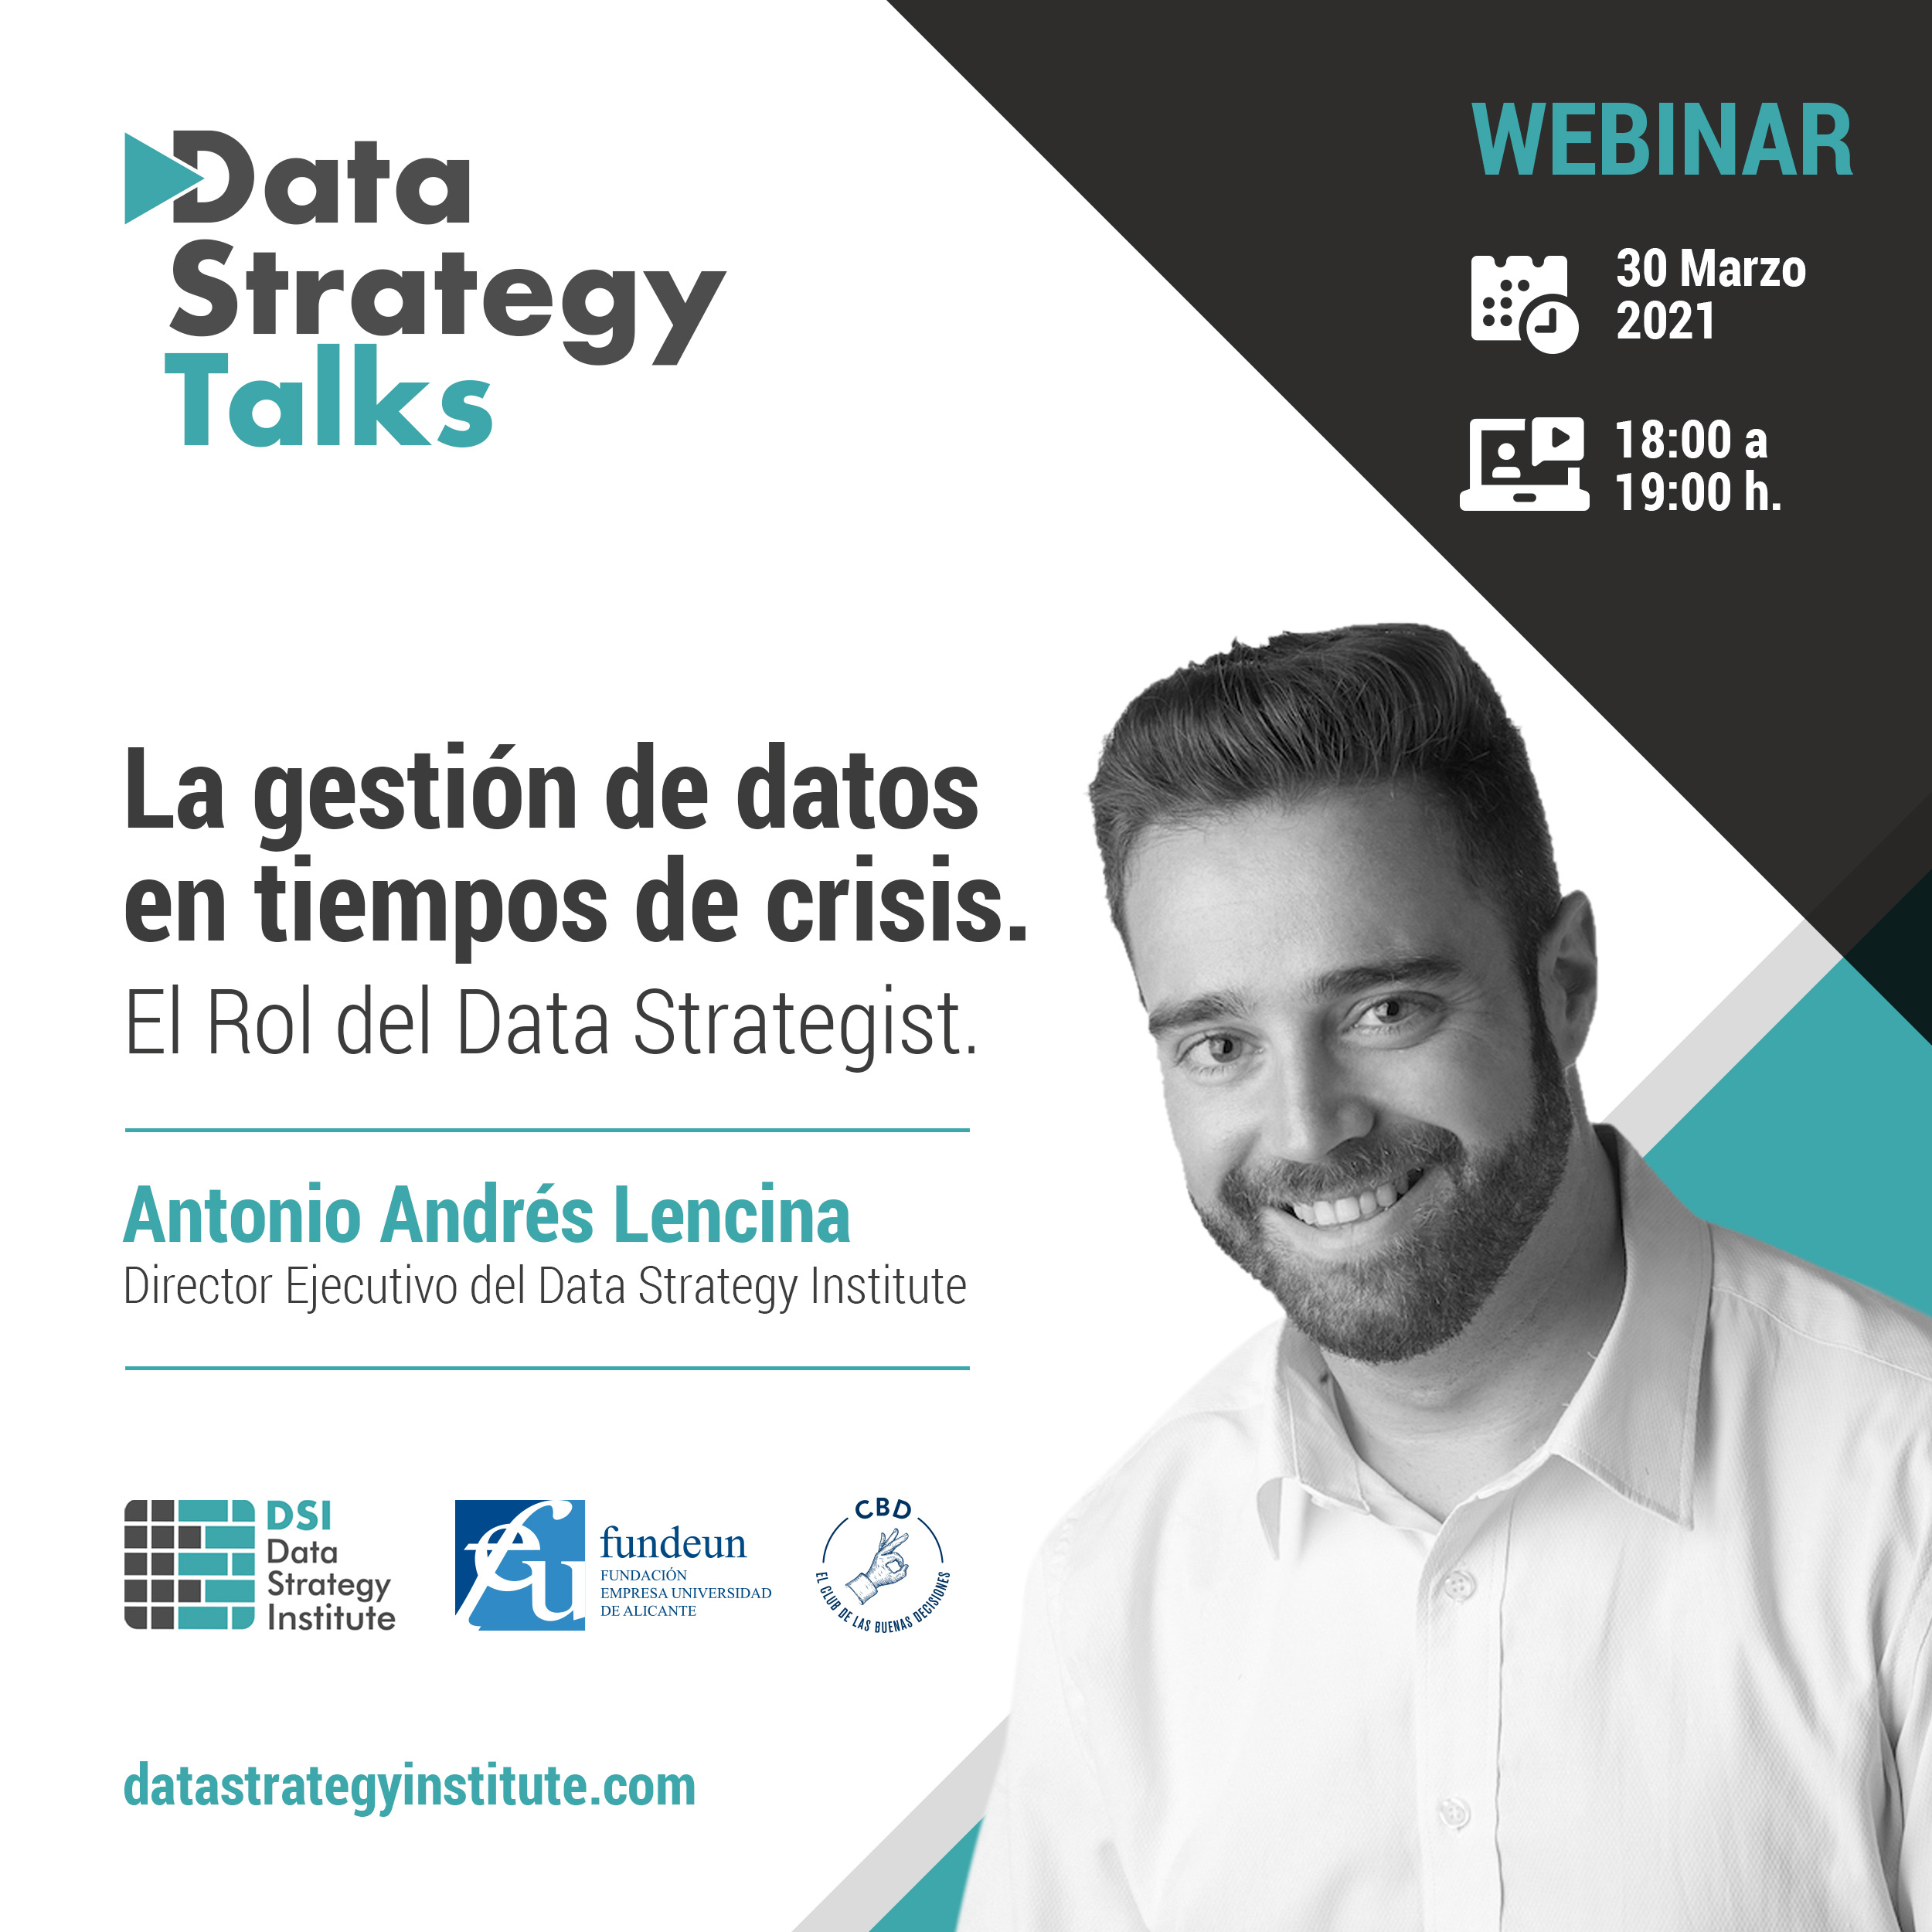 La gestión de datos en tiempos de crisis. El Rol del Data Strategist | Data Strategy Talks